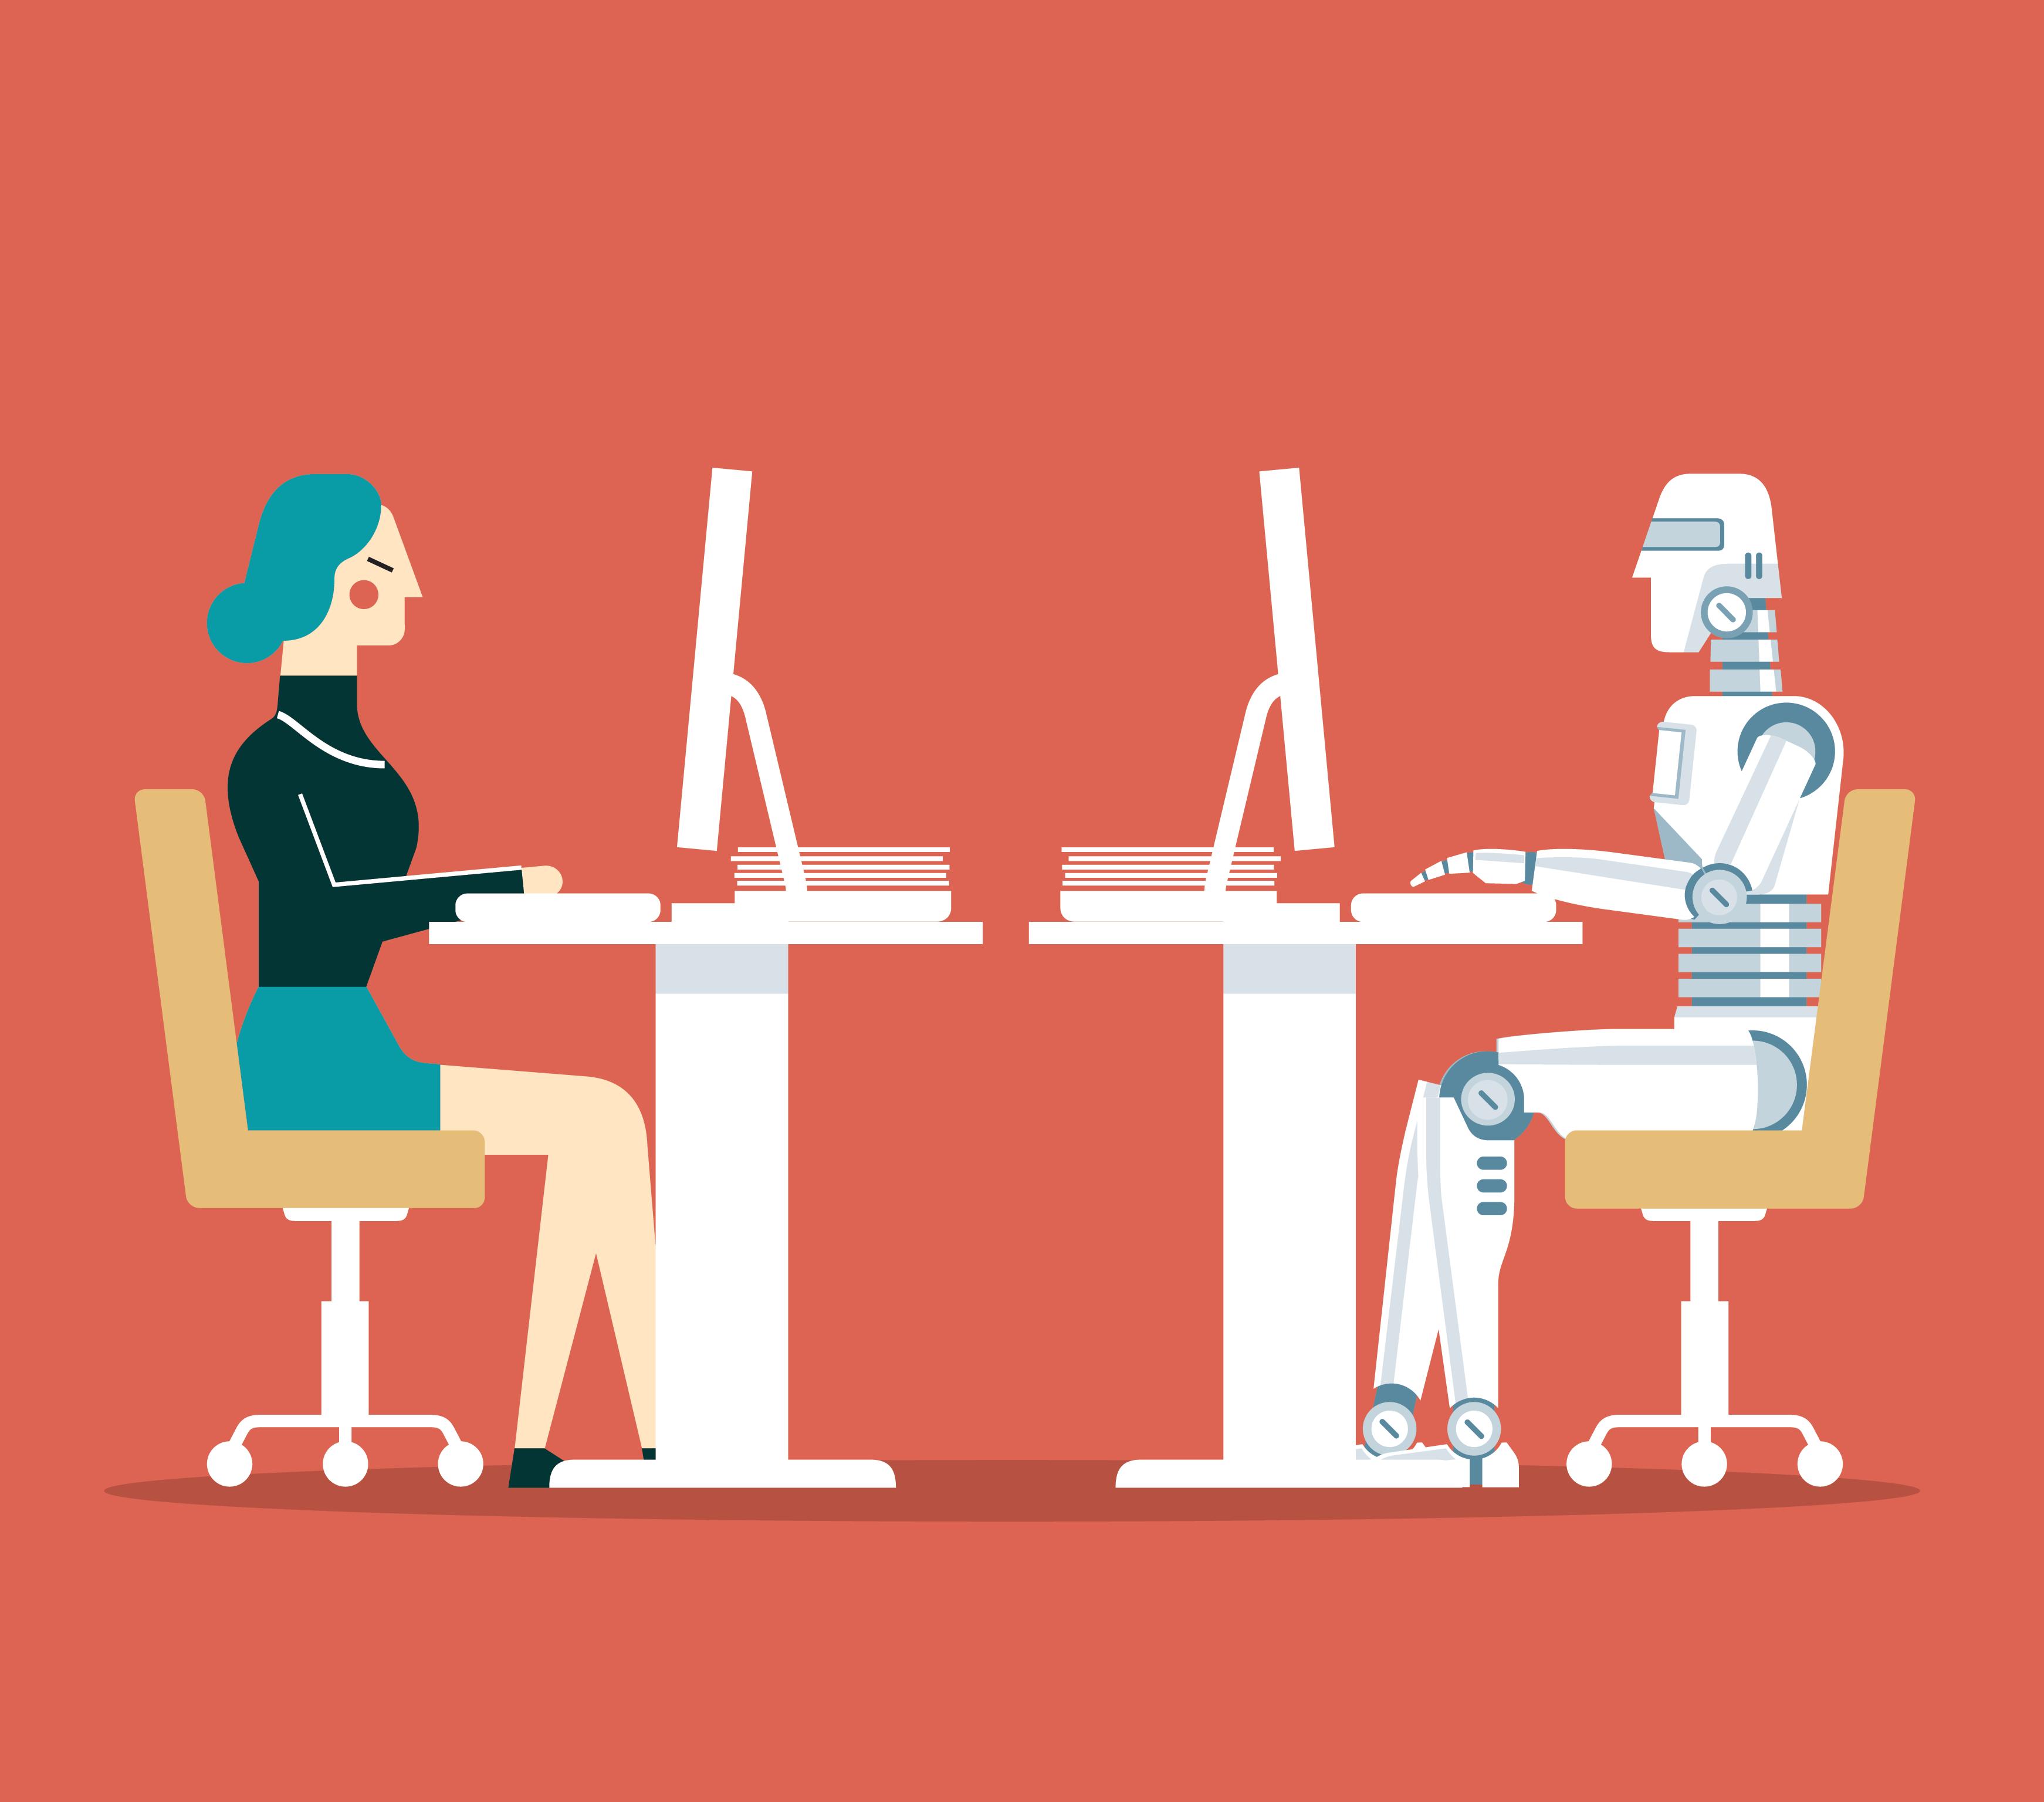 Débat. Les robots vont-ils prendre nos jobs ?